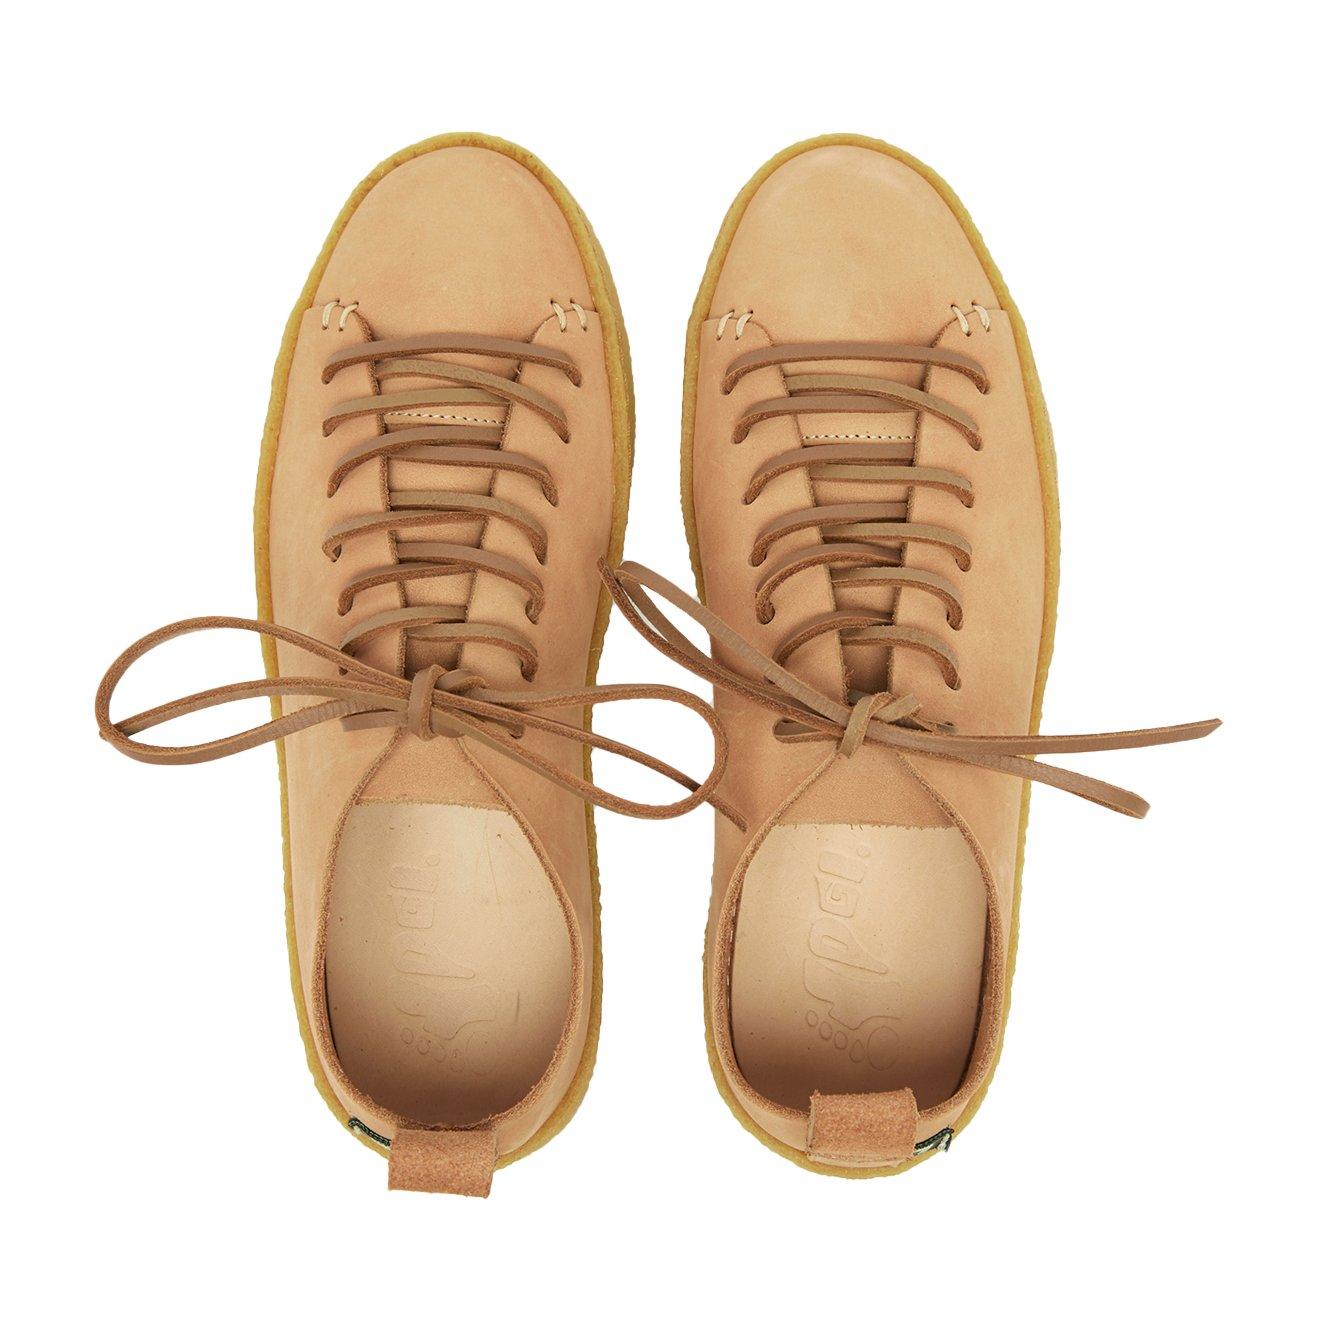 Women Pu Nubuck Flats Casual Ballerina Shoes | Shoes